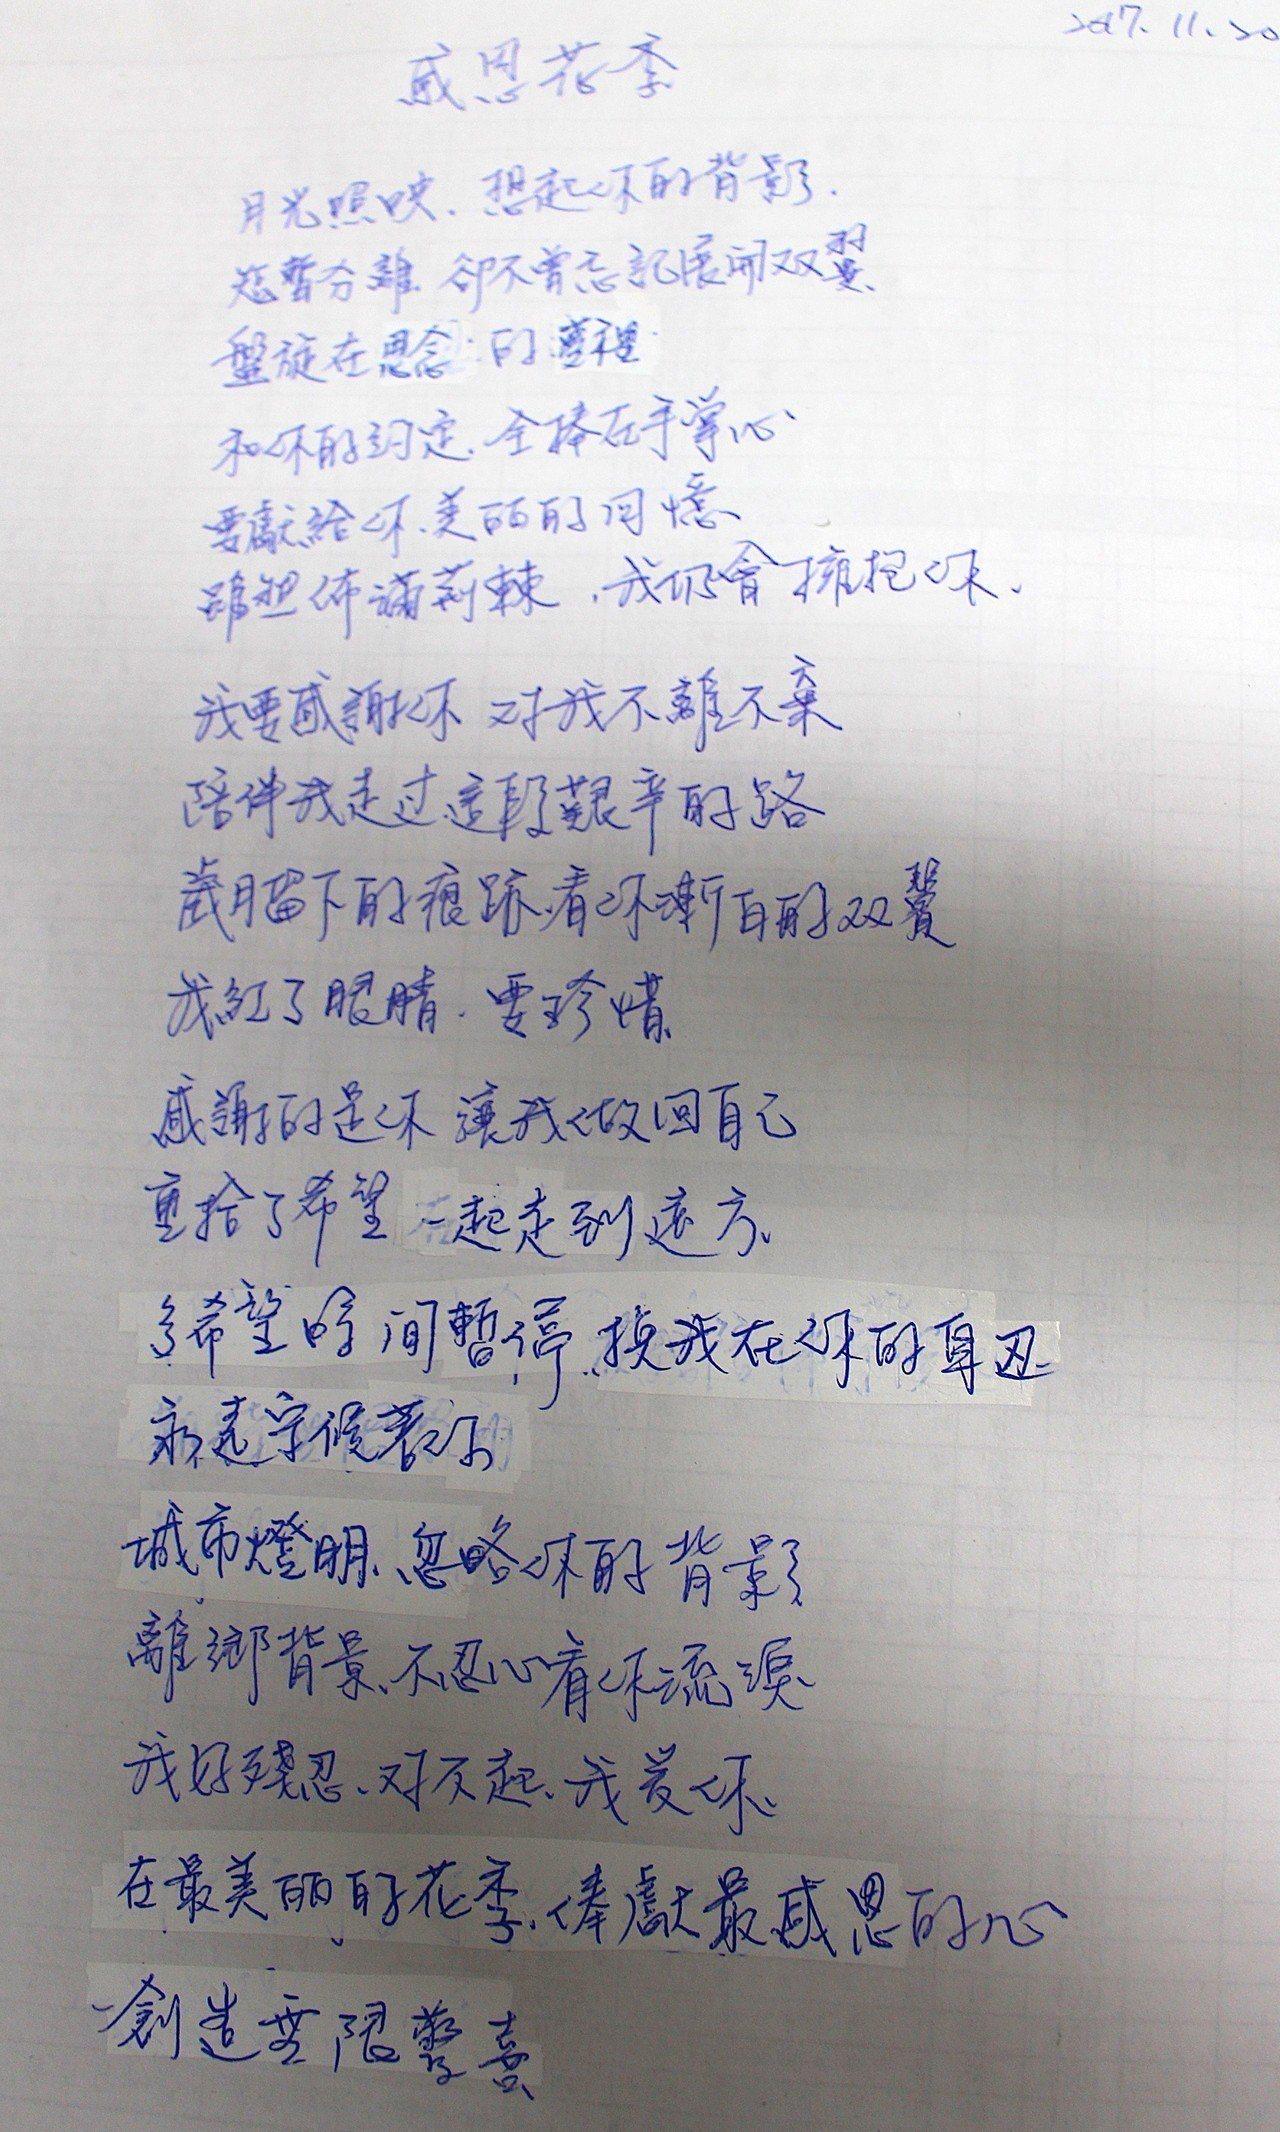 新竹監獄三位收容人小偉(化名)、山豬、蠻牛因為喜歡唱歌、熱愛創作,共組一個小團體...